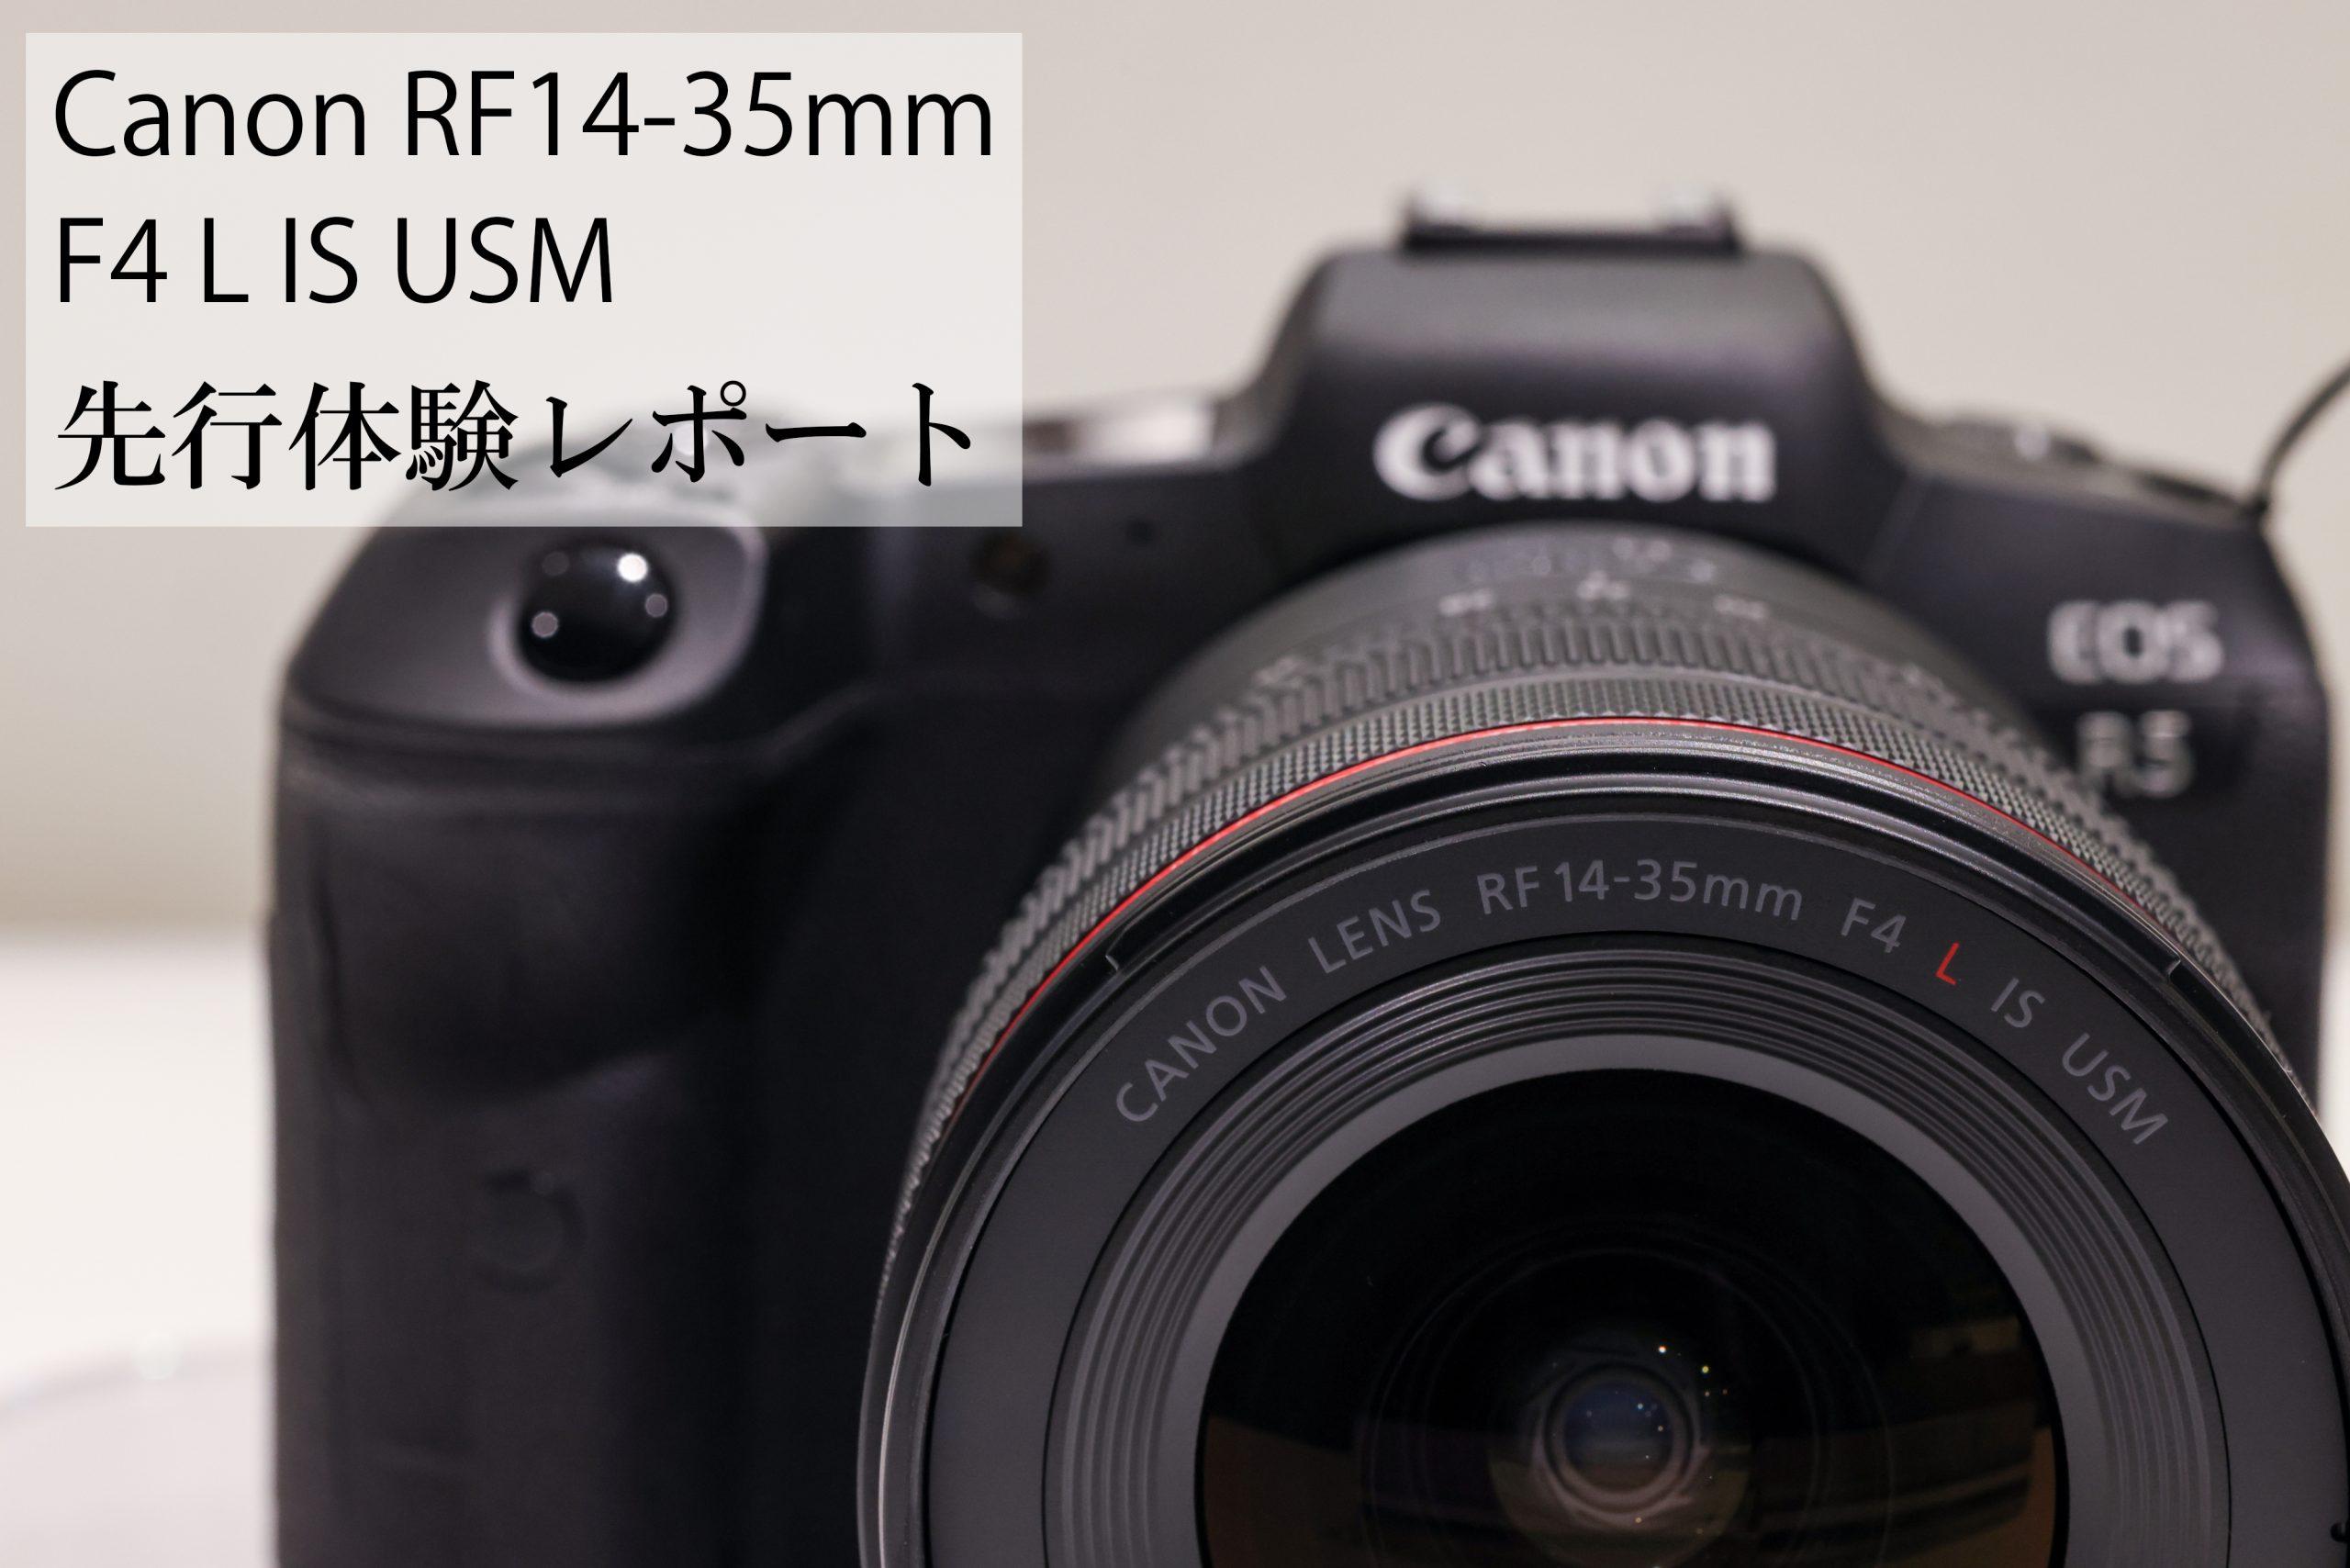 【Canon】RF14-35mm F4 L IS USM 先行展示 体験レポート